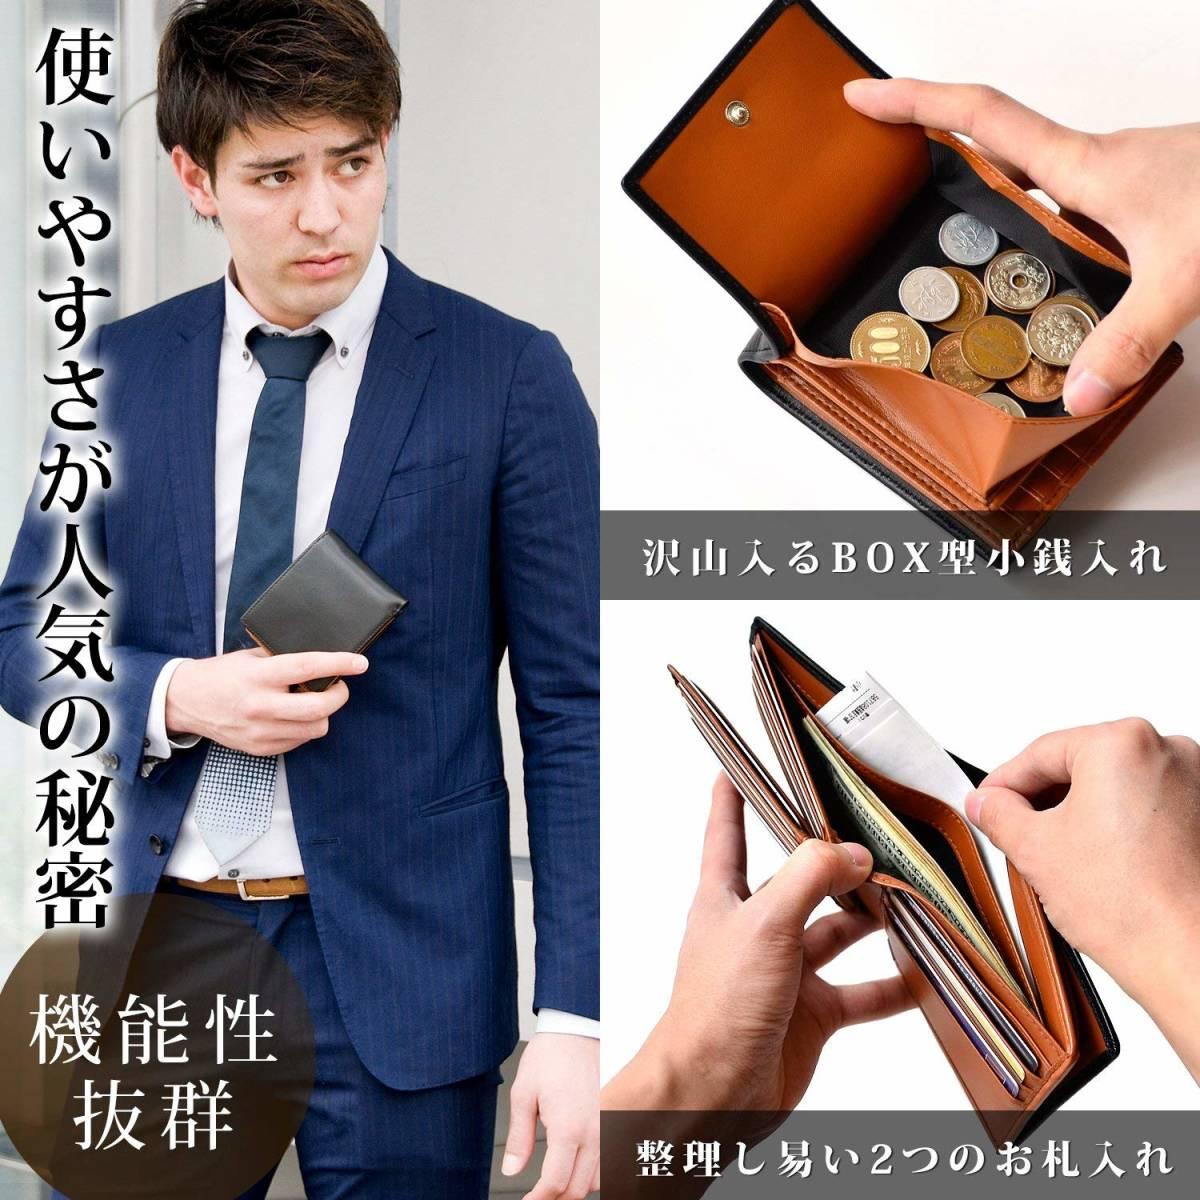 【送料無料】 [Le sourire] 二つ折り 財布 カード18枚収納 ボックス型小銭入れ 本革 メンズ ブラック ブラウン 黒 茶色_画像3